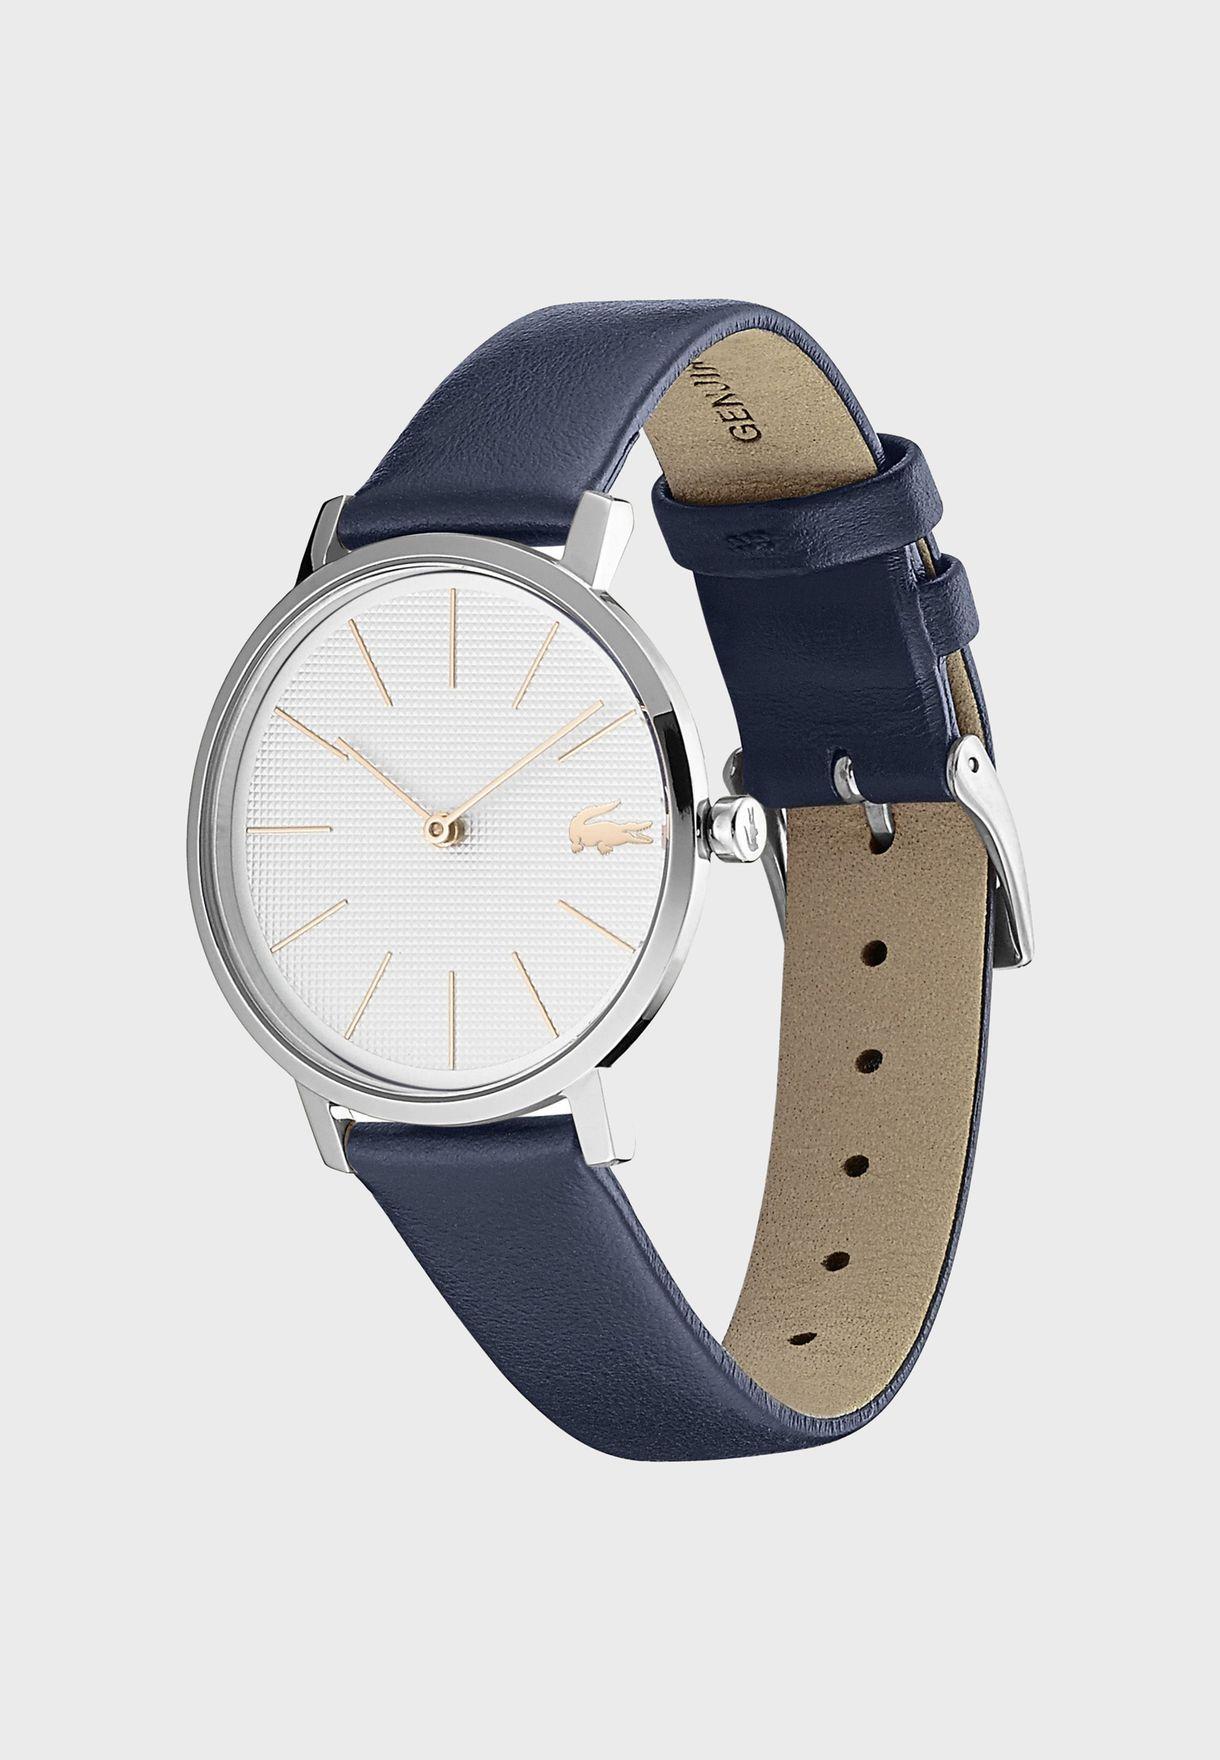 ساعة لاكوست مون بسوار جلد للنساء - 2001077